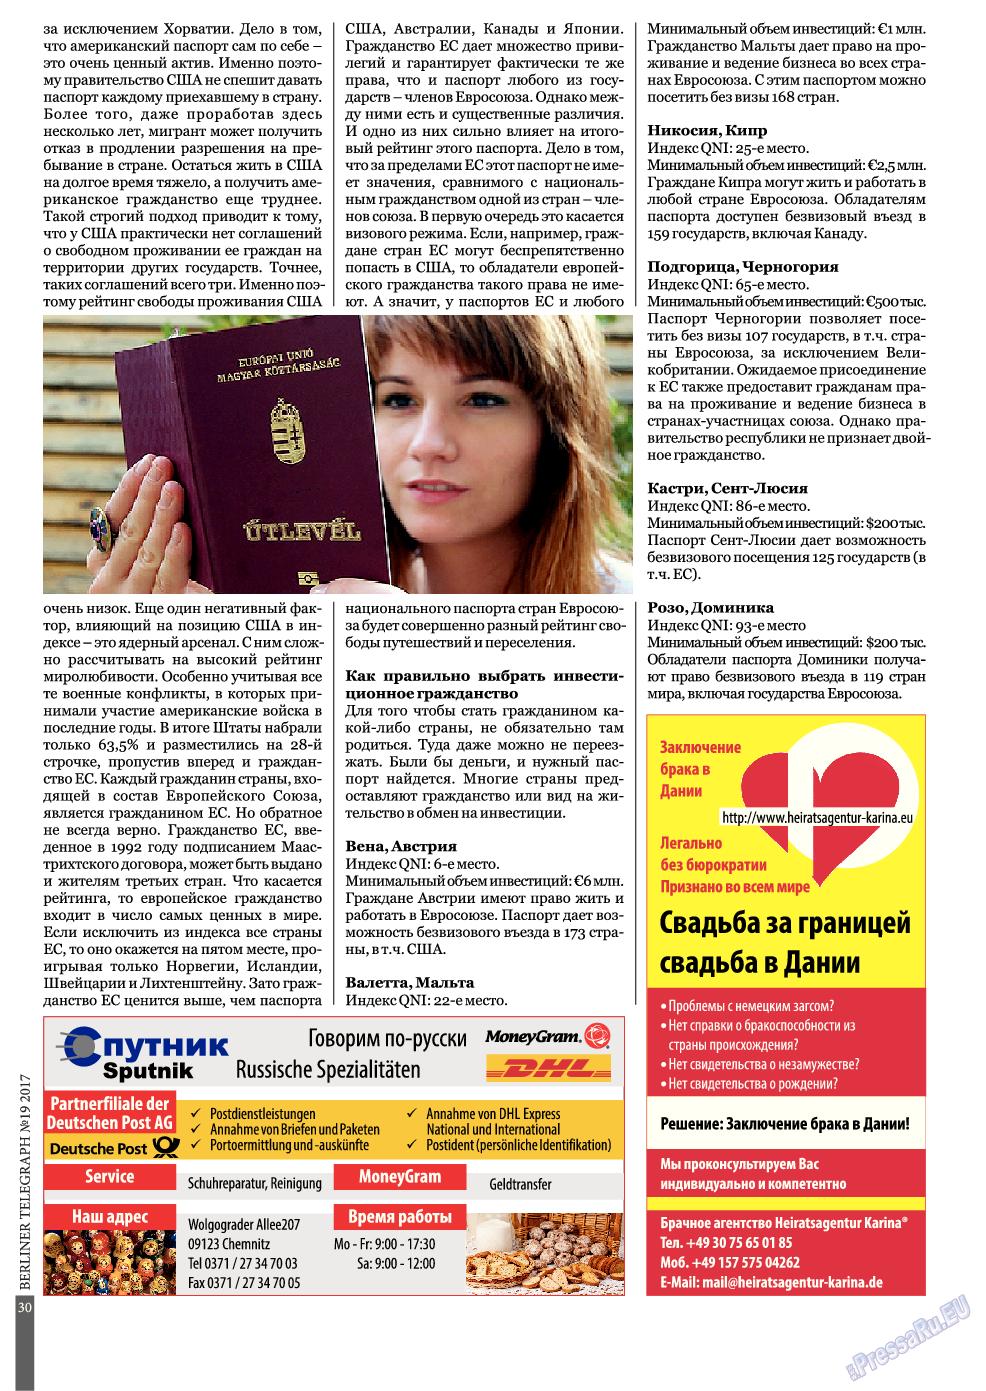 Берлинский телеграф (журнал). 2017 год, номер 19, стр. 30